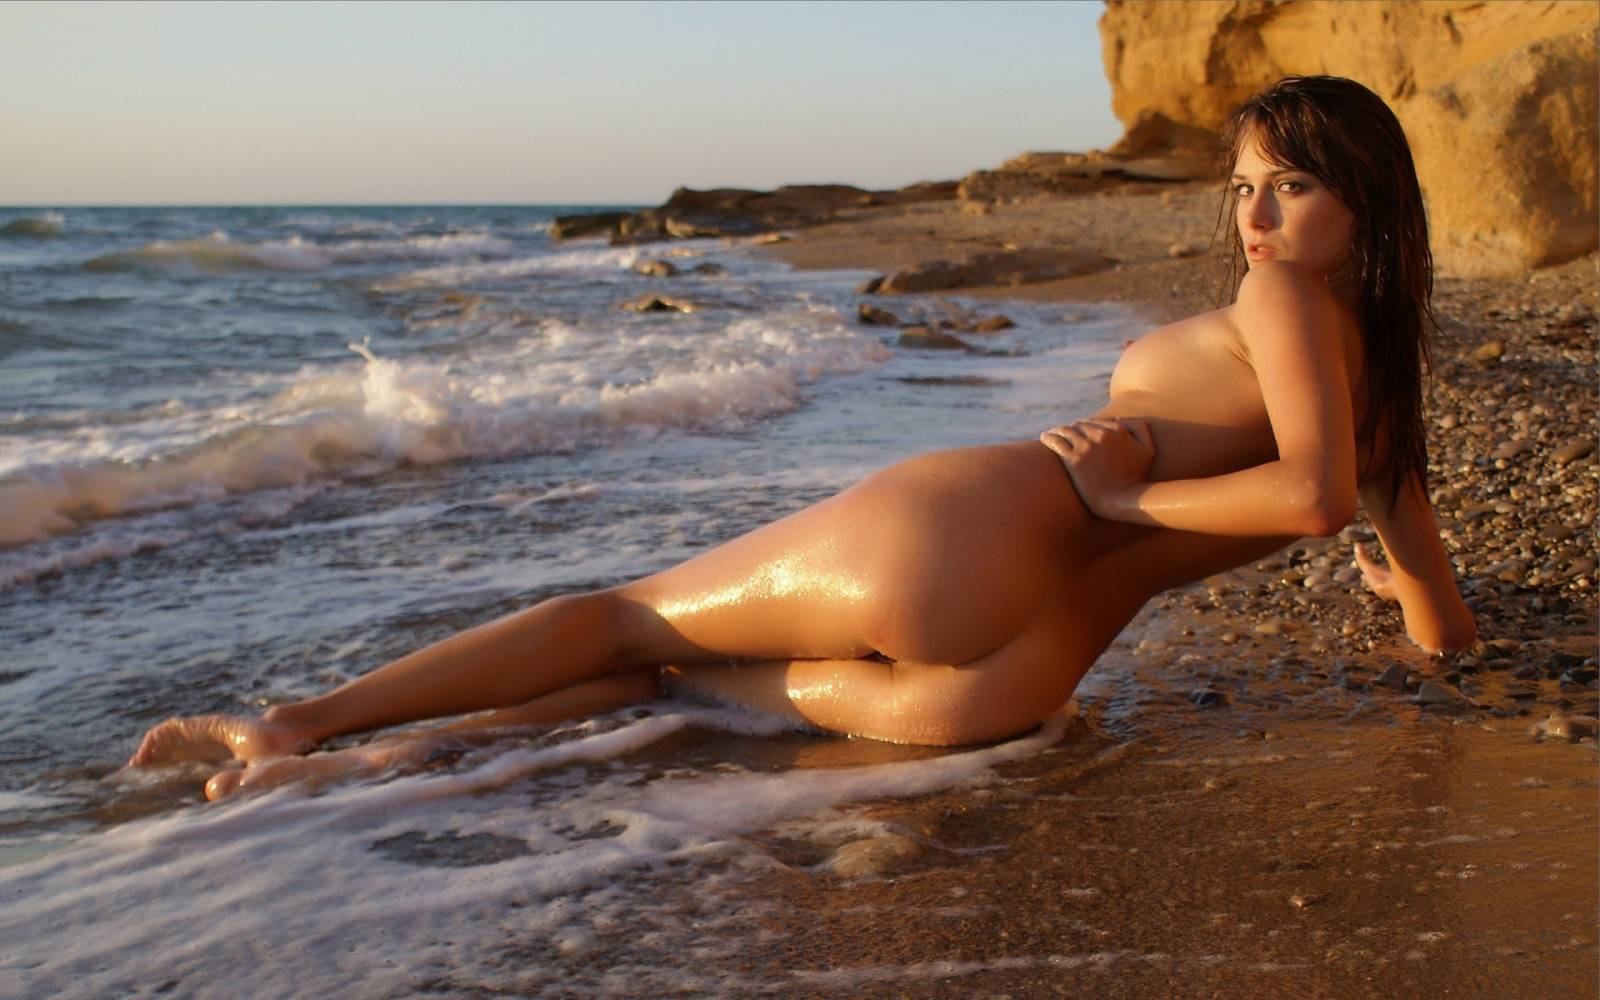 Сучка с небритой пиздой на пляже 23 фотография